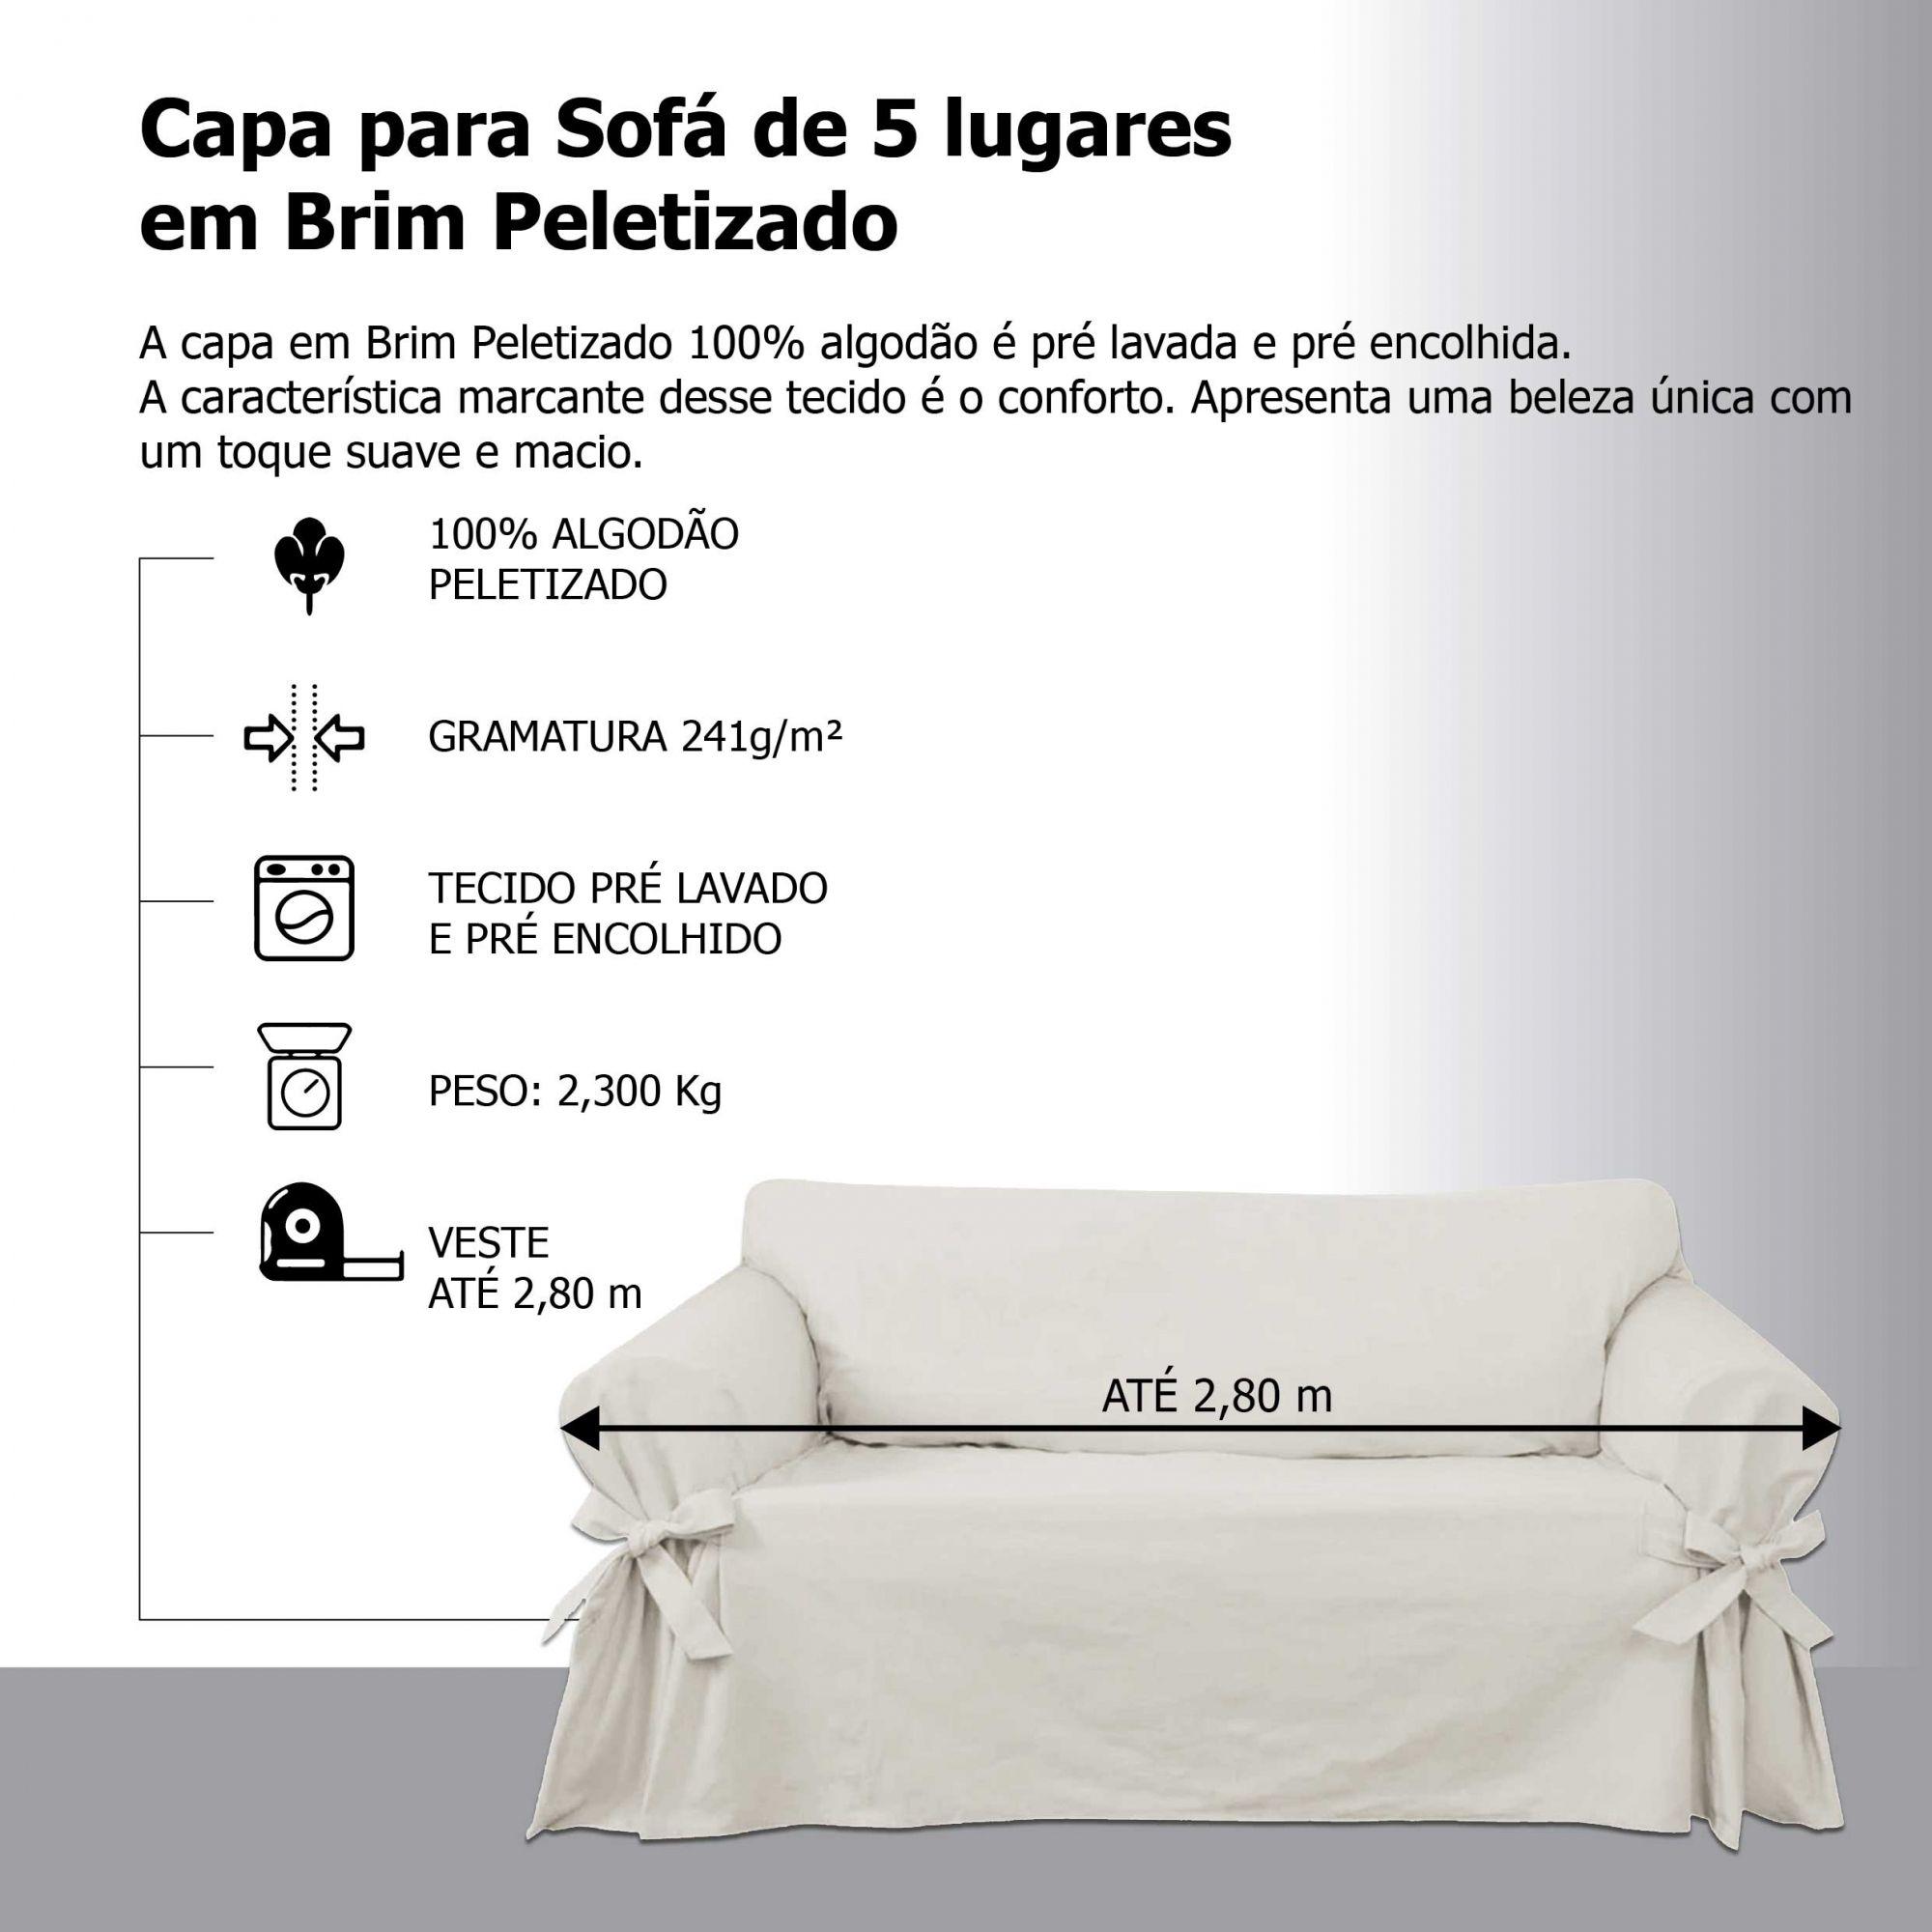 Capa para Sofá de 5 Lugares em Brim Sarja 100% Algodão